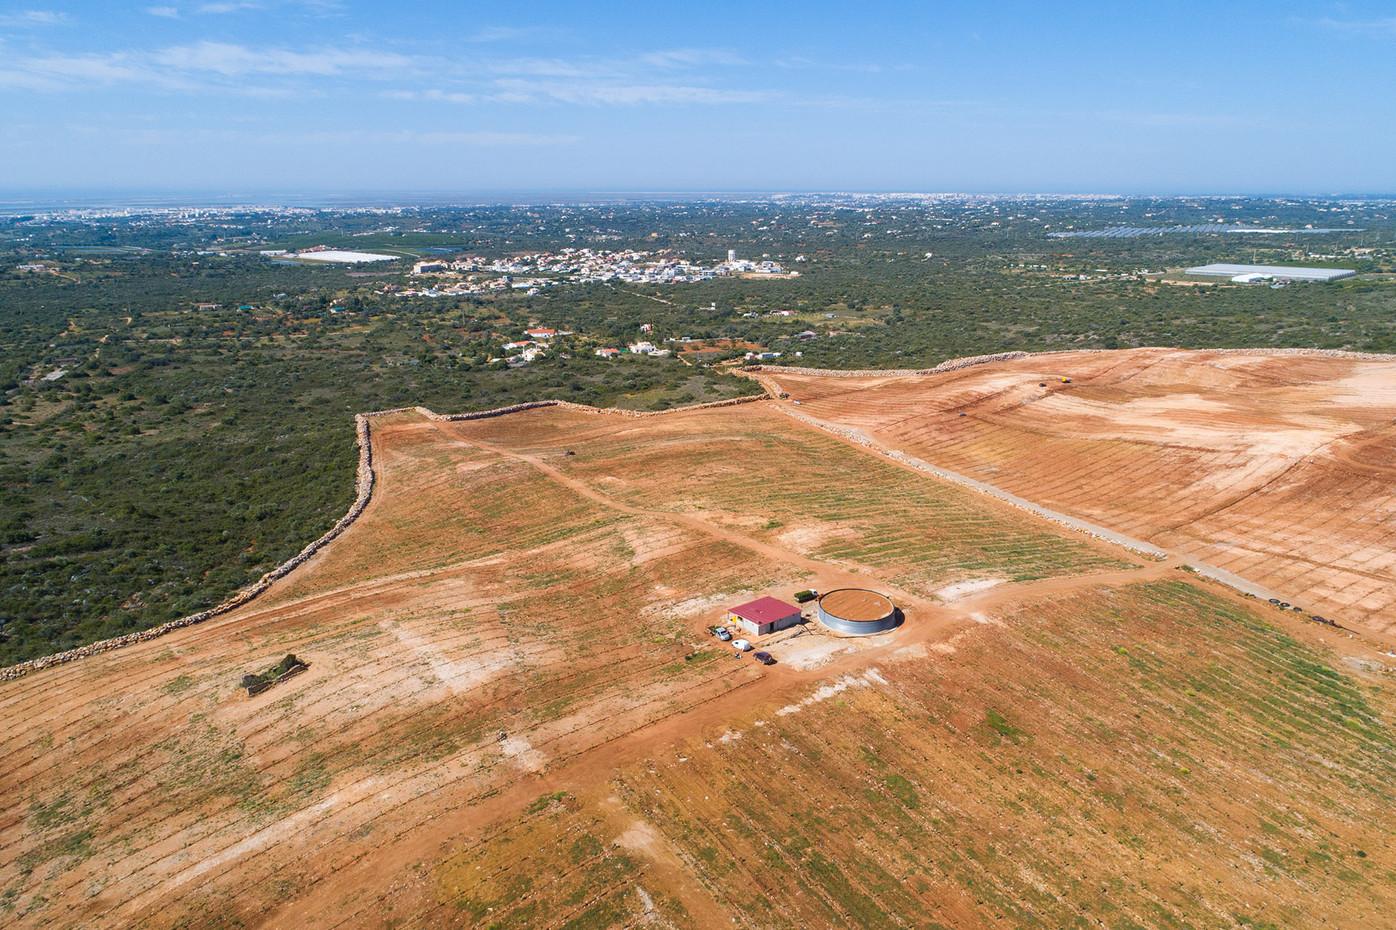 Instalação de novos pomares ao ar livre feitos após intervenções intensivas no solo, com despedregas e desmatações, nas proximidades da encosta Sul do Cerro de São Miguel   |   19 de Maio de 2020